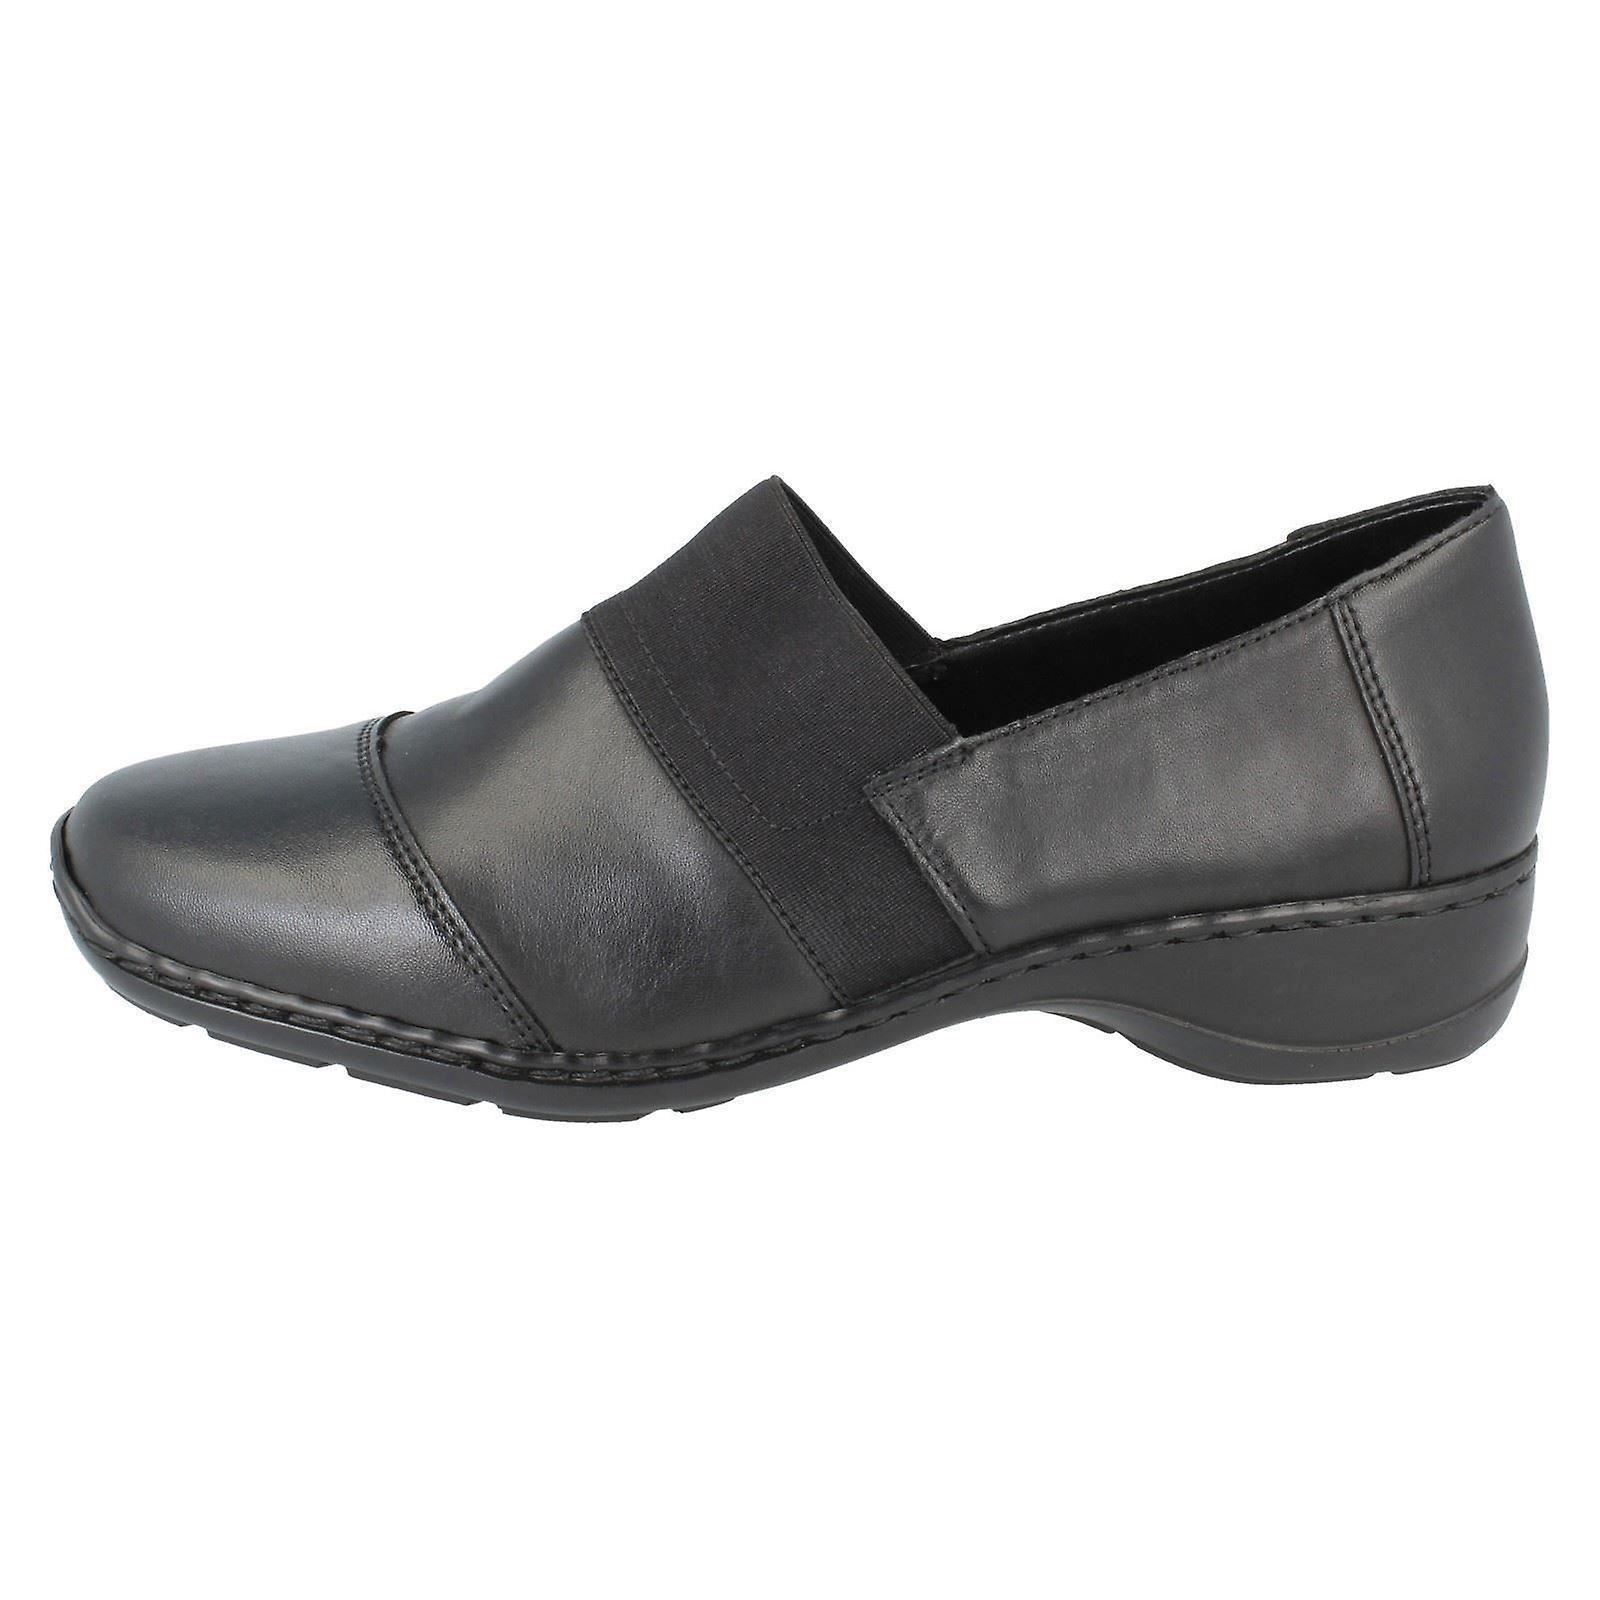 b26f7f79697 ... Ladies Rieker Rieker Rieker Flat Shoes 58355-00 - Black - UK Size 6 -